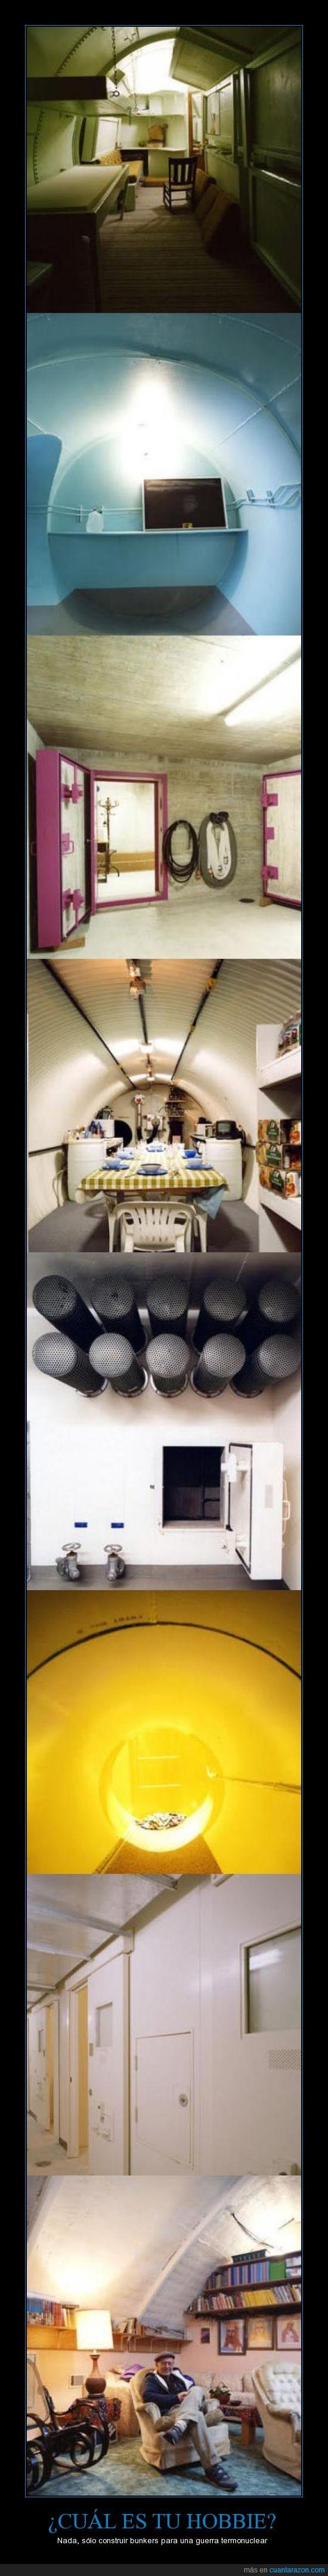 guerra,hobbie,termonuclear